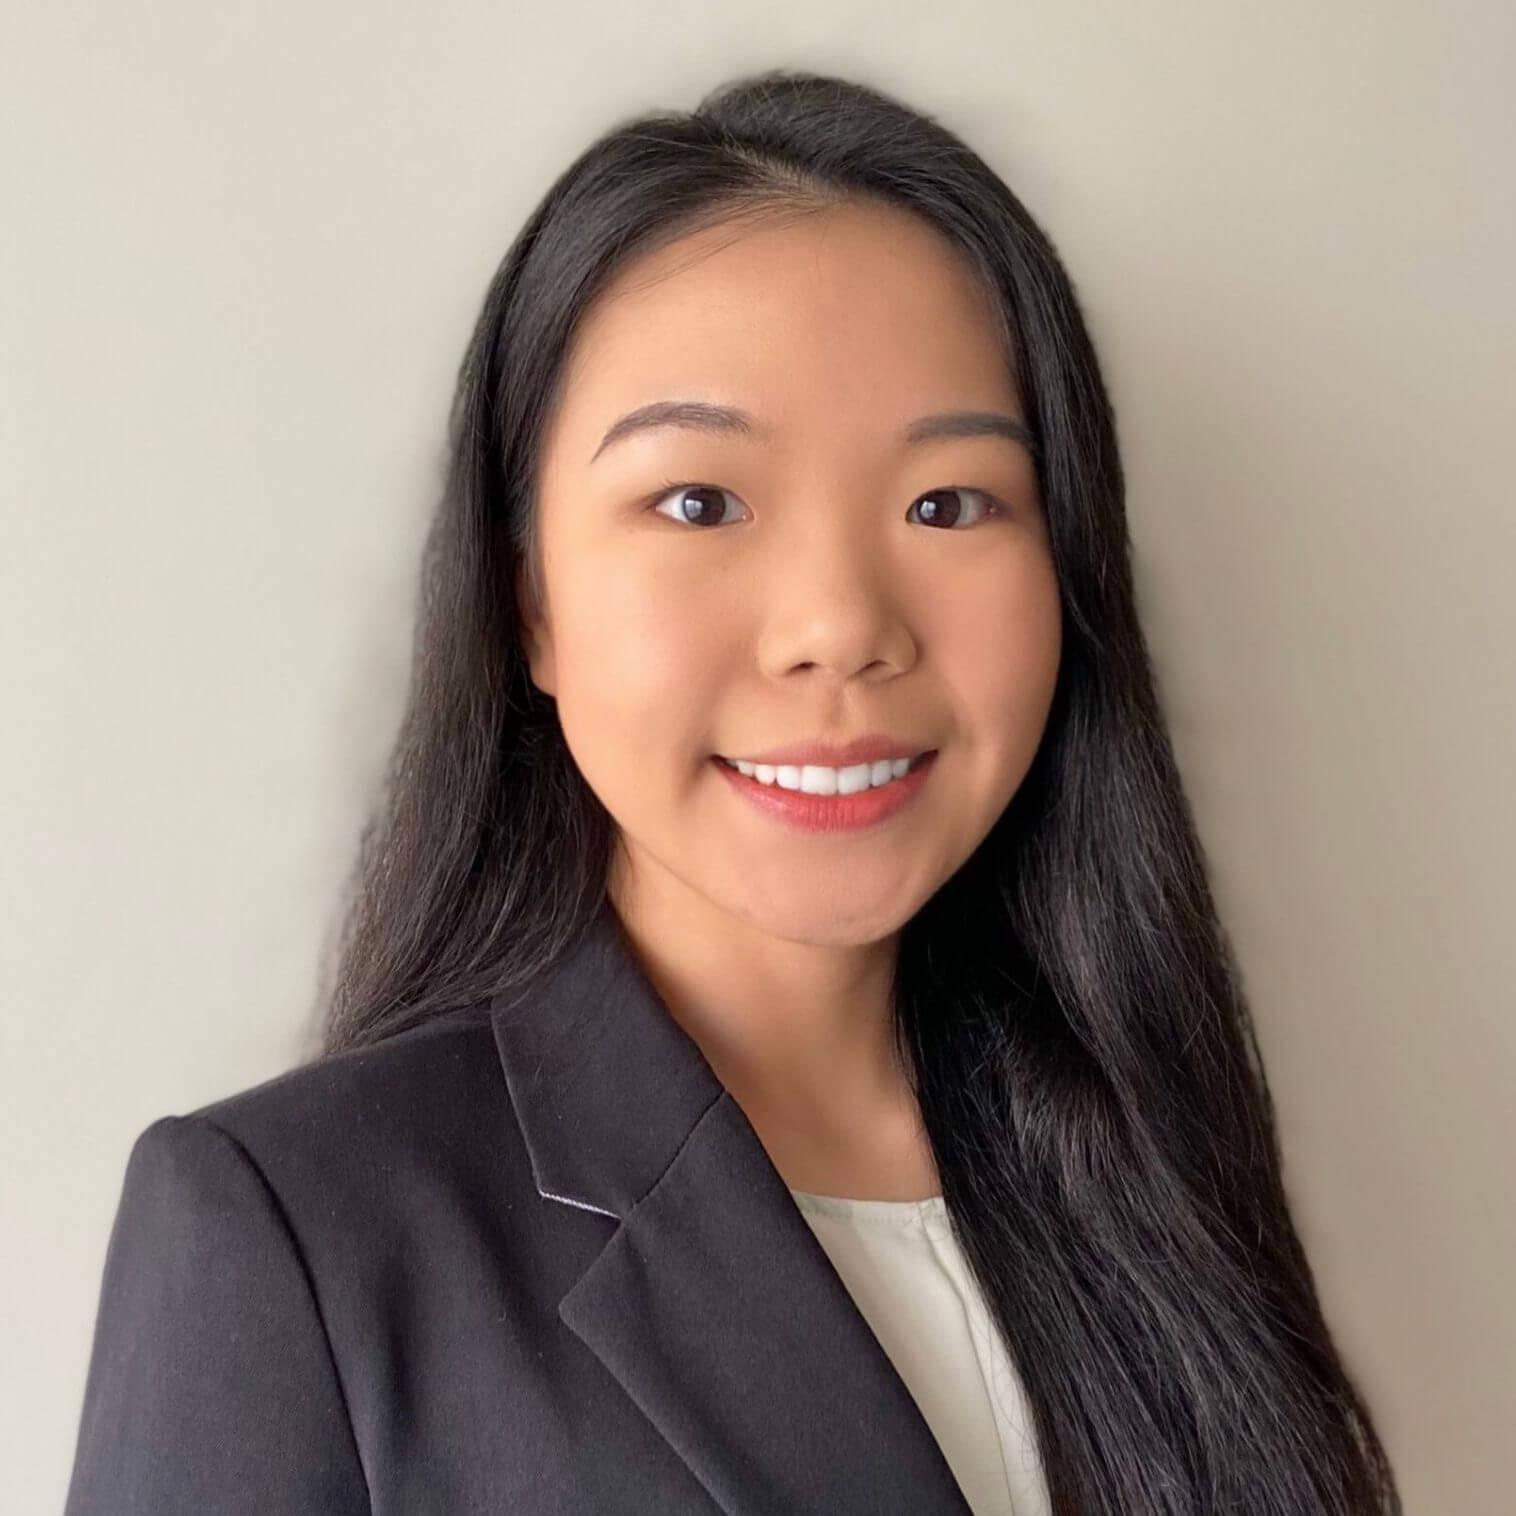 Jess Li